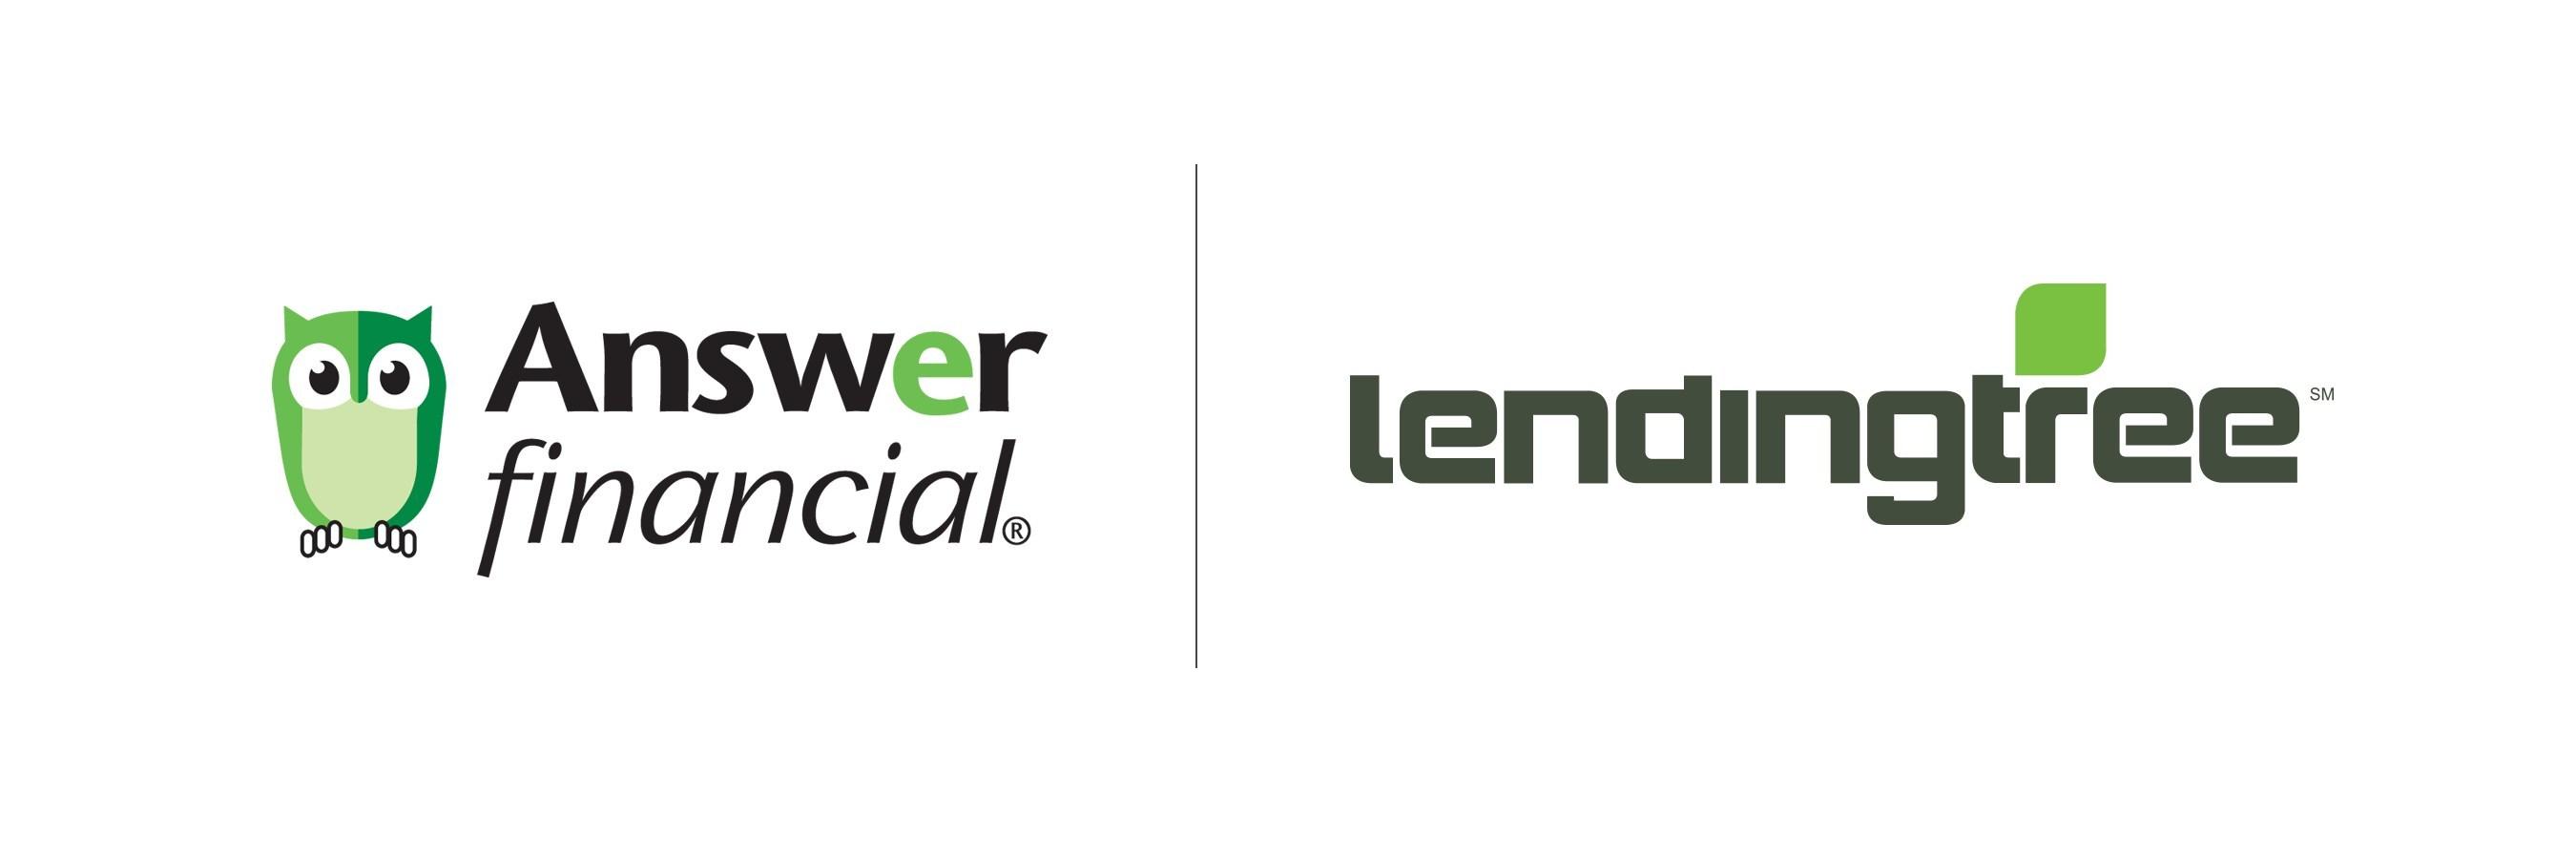 LendingTree Launches Insurance Comparison Platform Powered ...